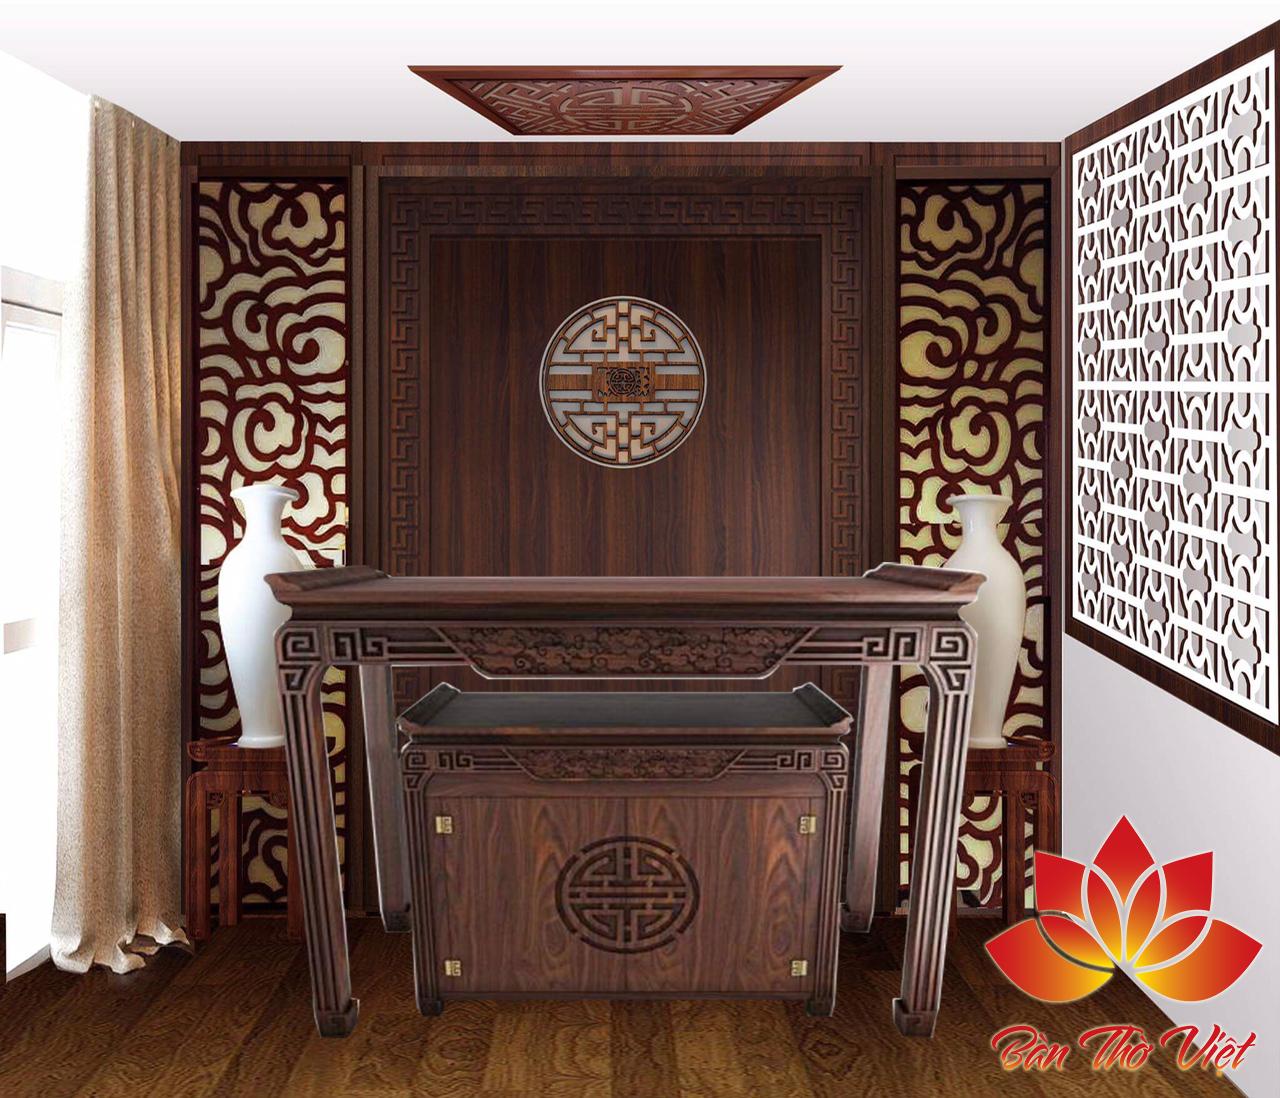 Tổng hợp các mẫu vách phòng thờ đẹp cho không gian thờ cúng sang trọng